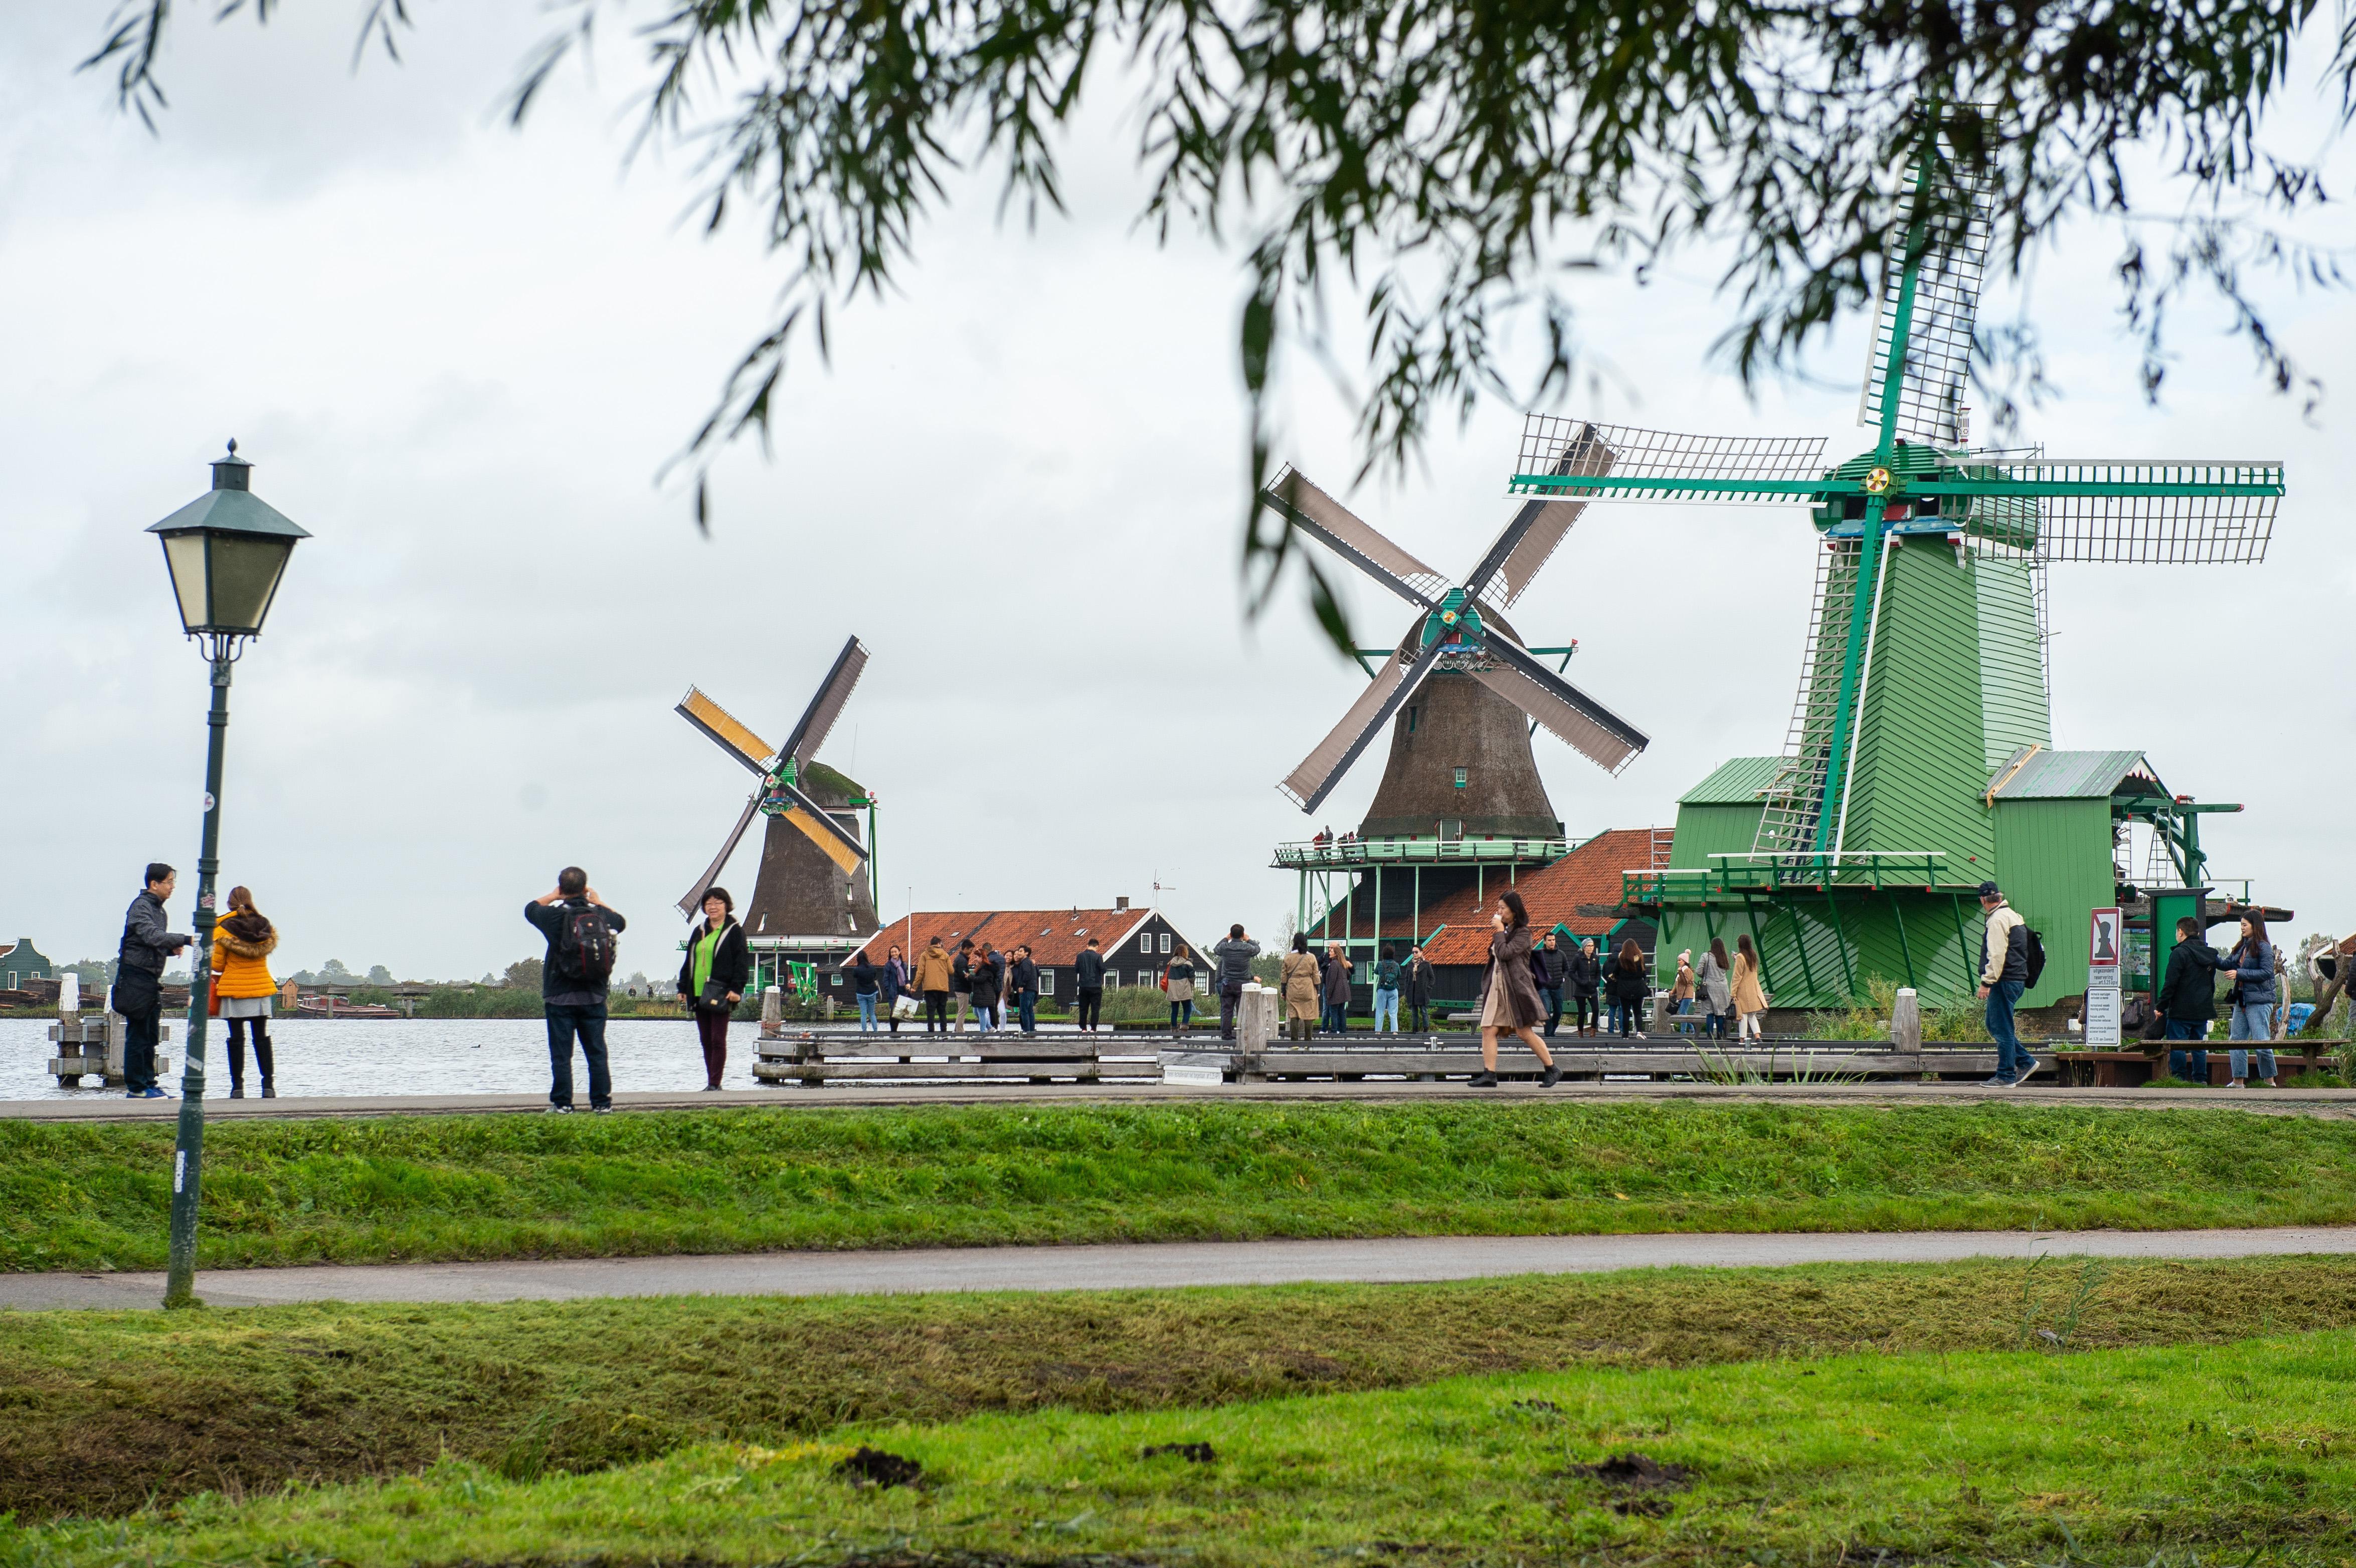 Boten moeten plekje reserveren bij Zaanse Schans: toename van rondvaartsloepen leidt tot strubbelingen